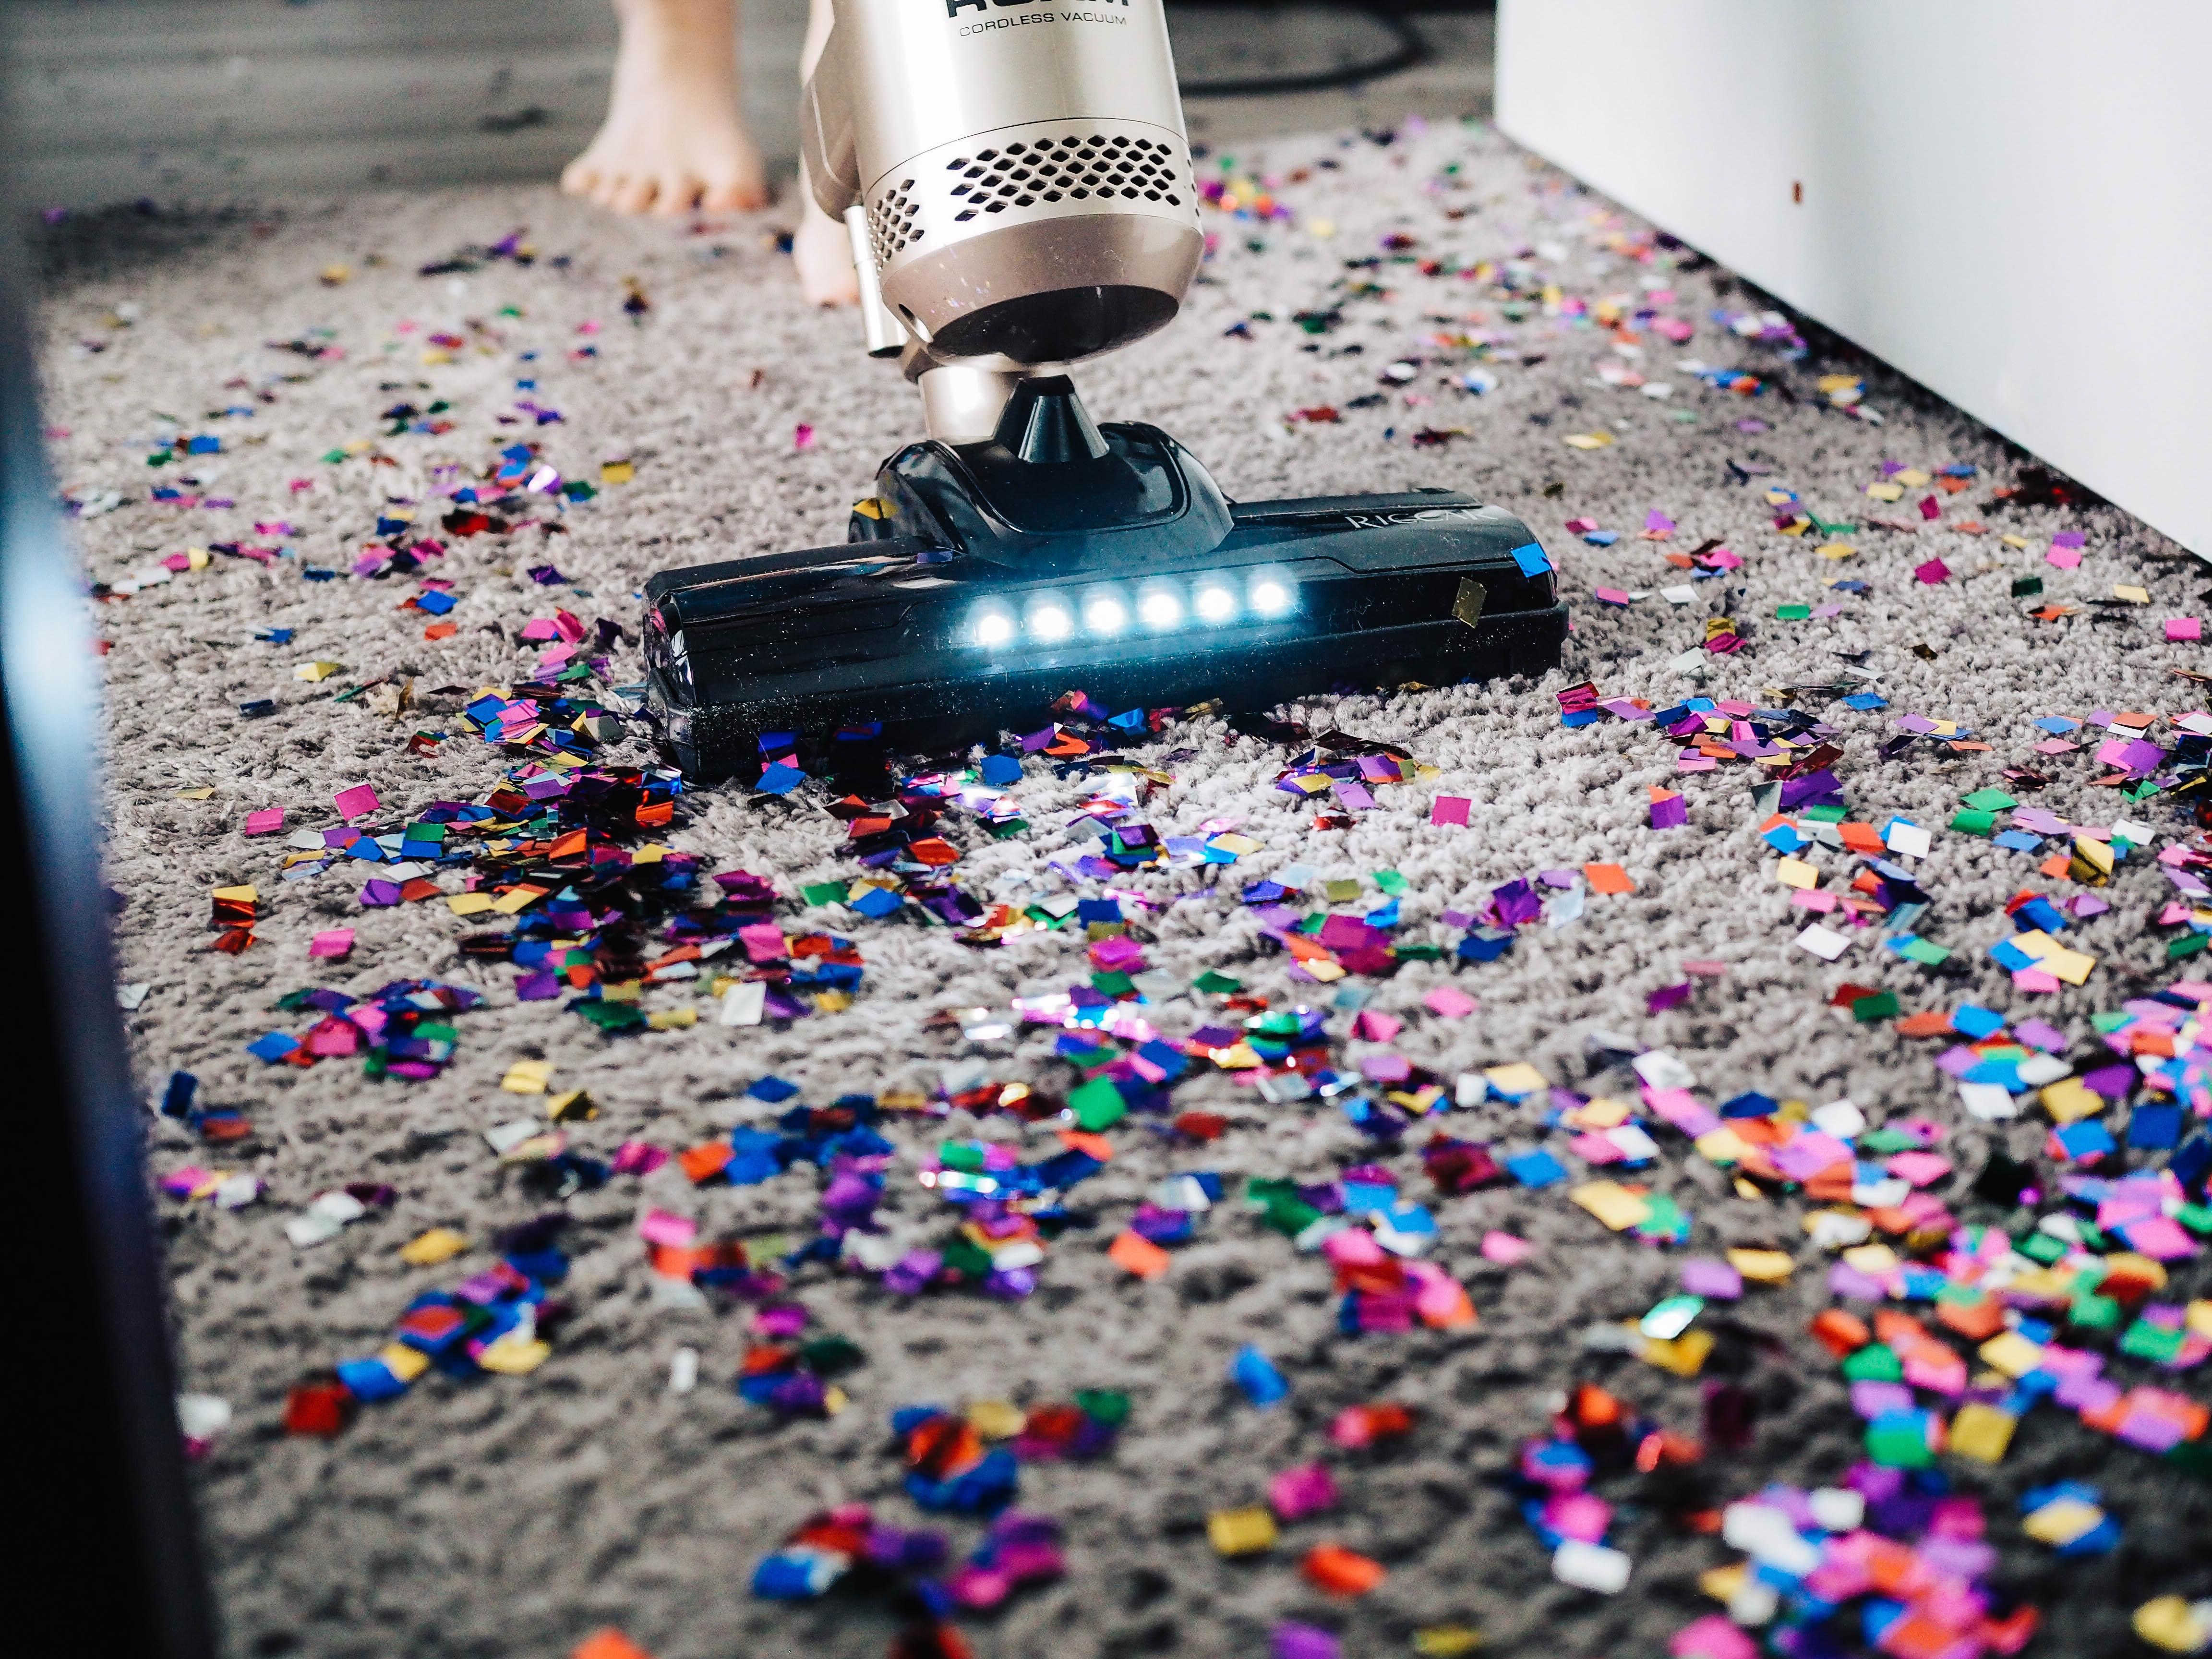 czym odkurzac dywan i inne powierzchnie w domu